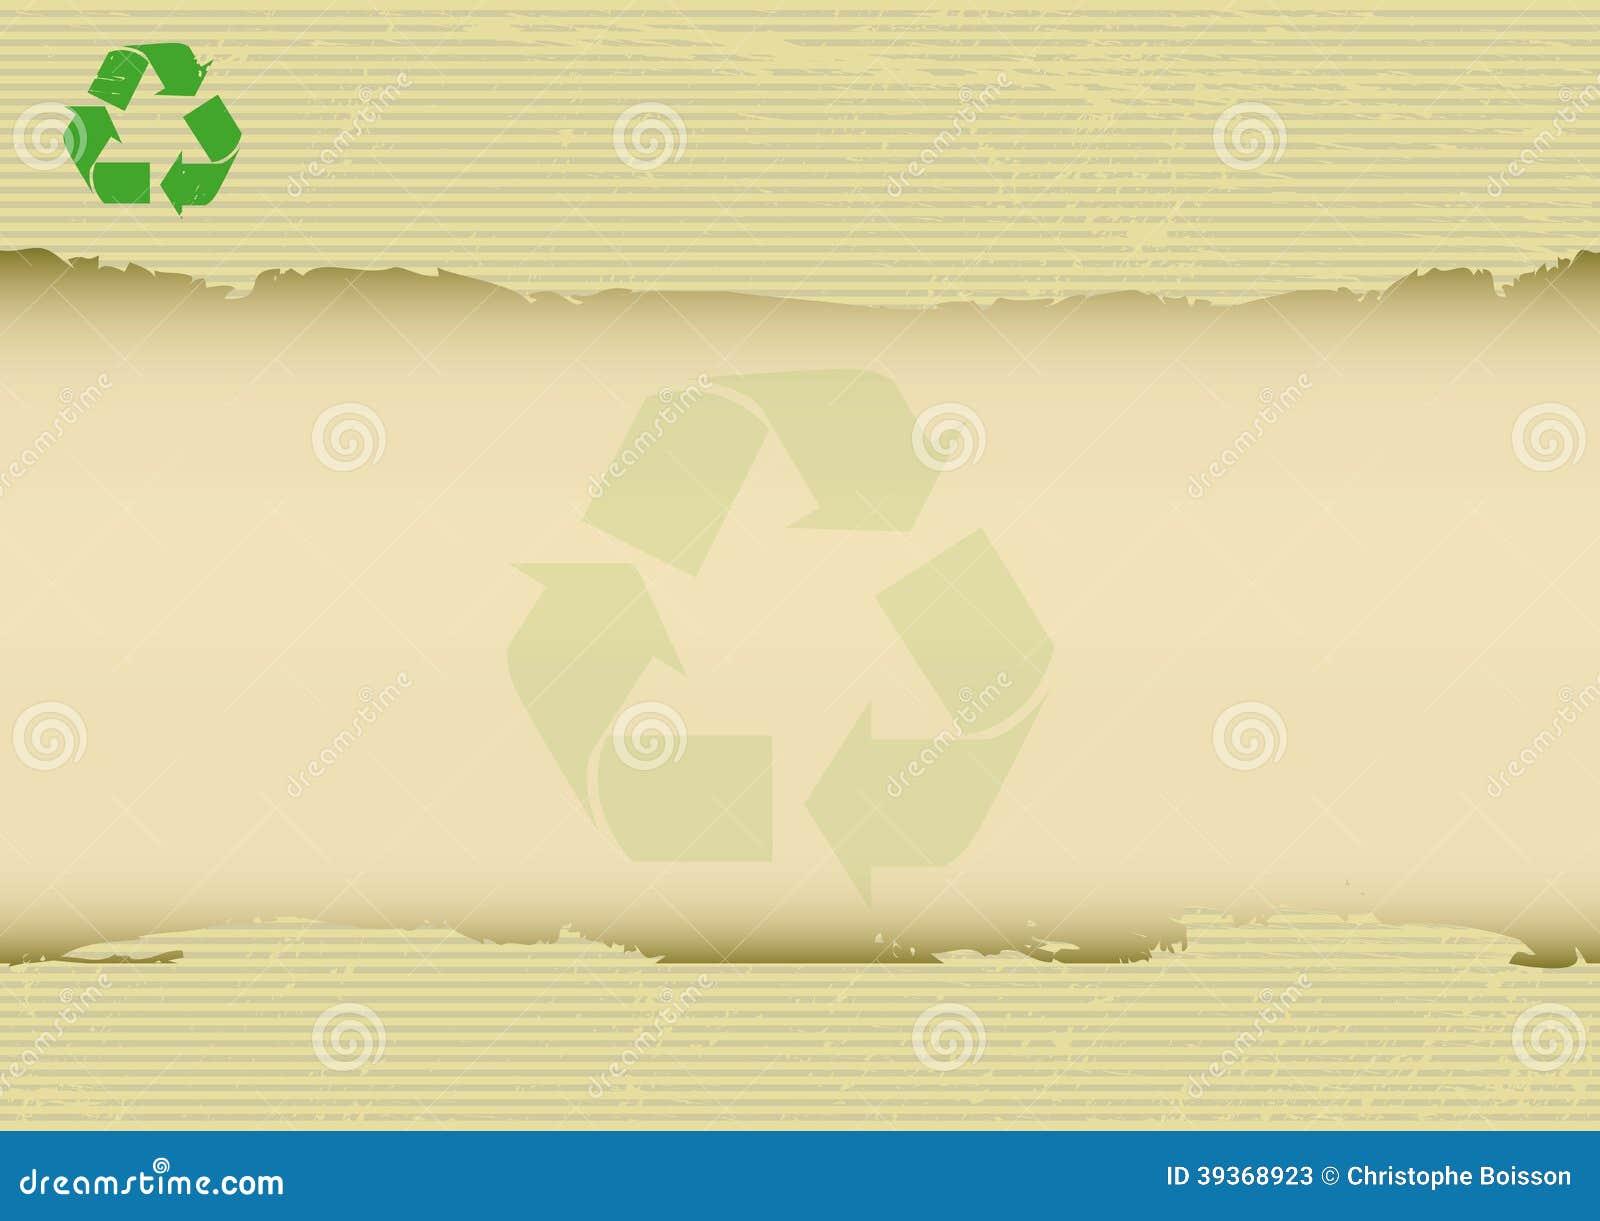 Skrapad recyclabehorisontalbakgrund